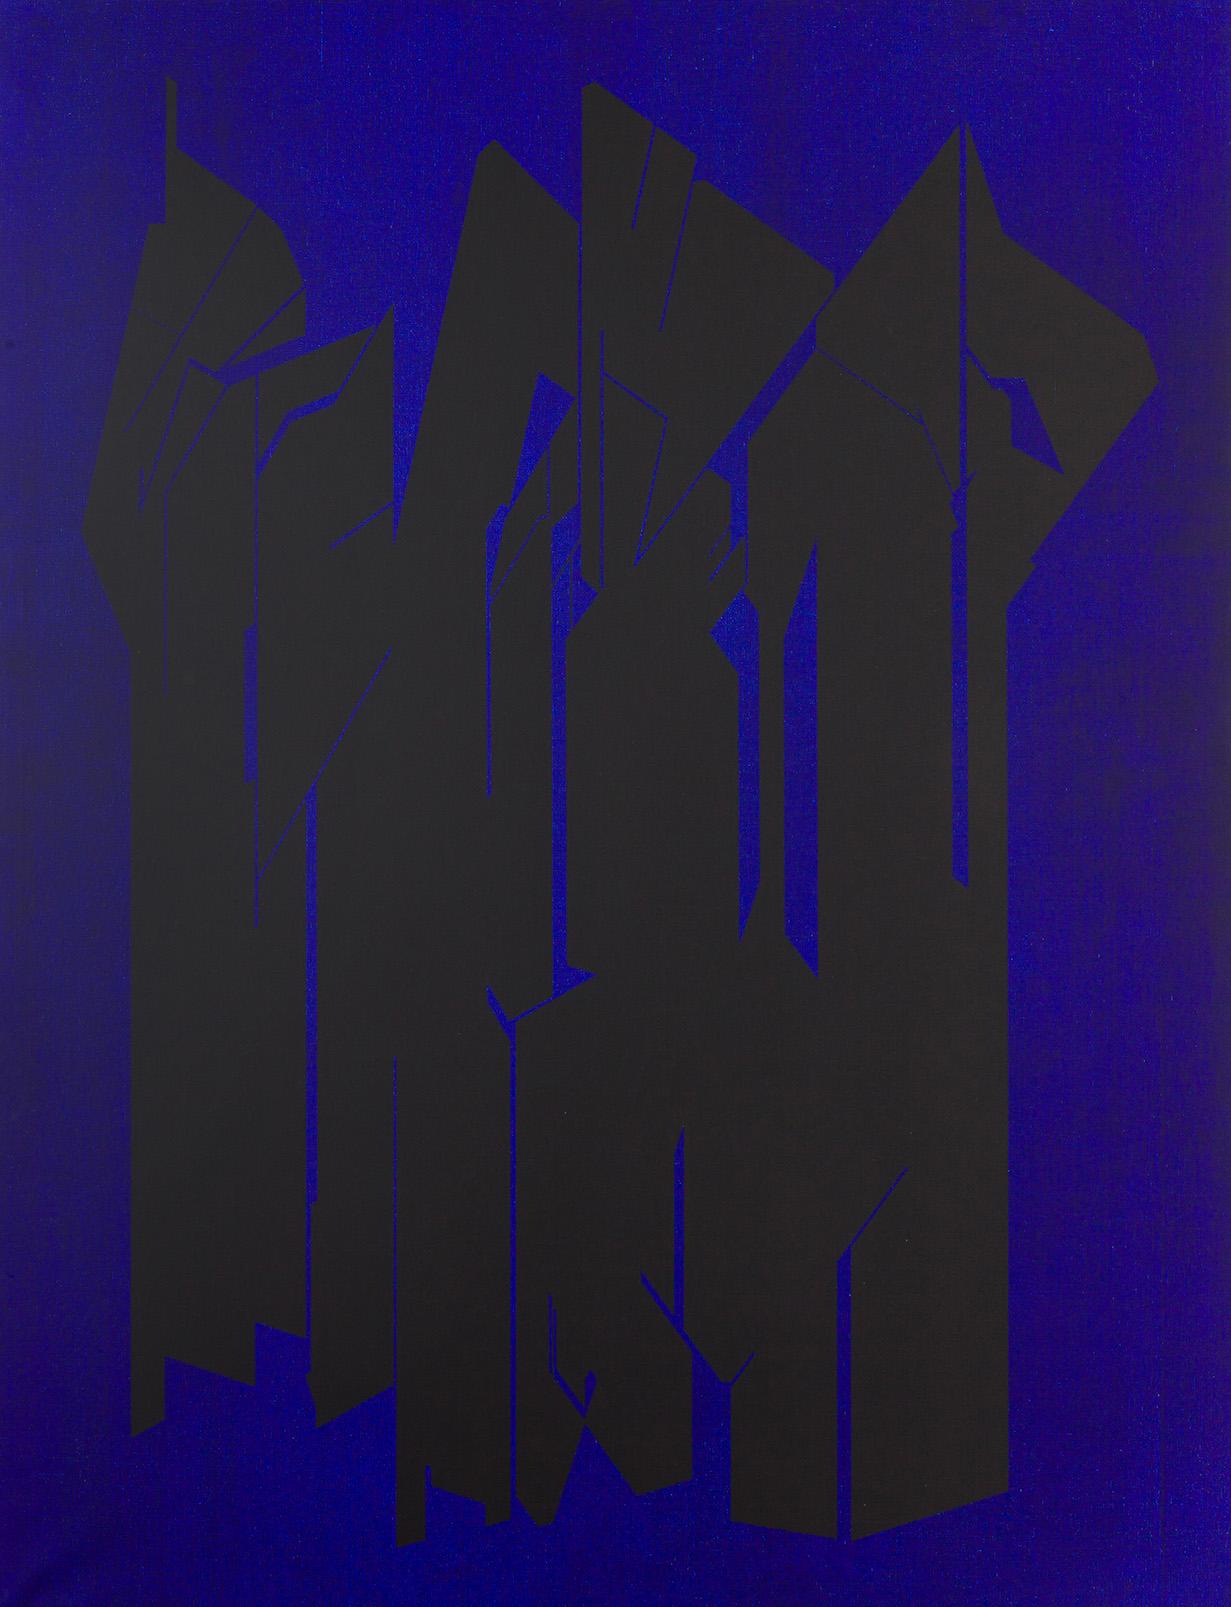 Pablo Palazuelo, De Somnis azul y negro, 2002